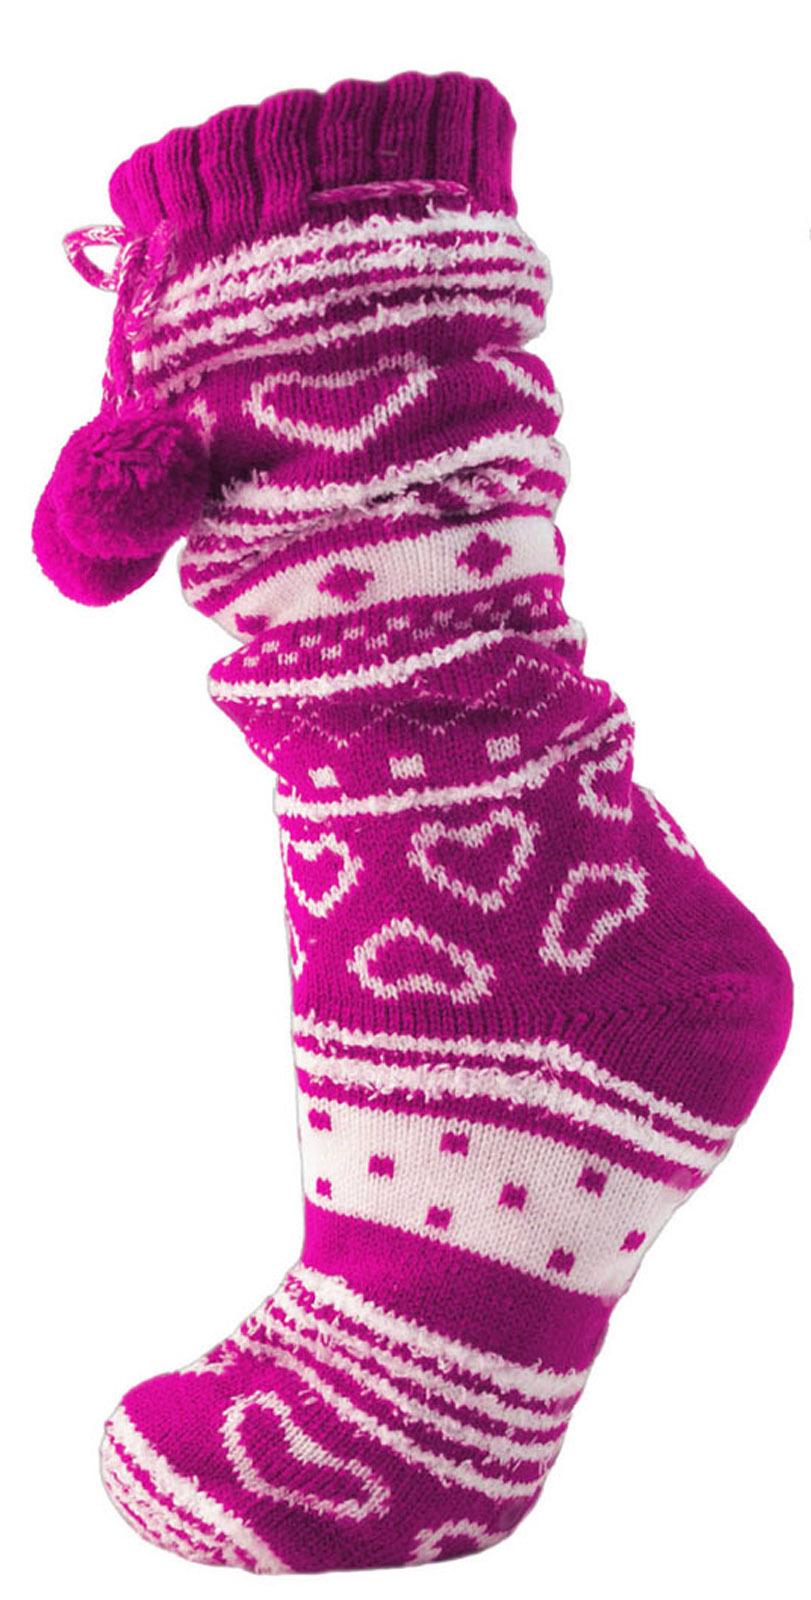 Para mujeres damas niñas Piel Forrada Zapatilla Calcetines Botín Botines pompones Talla 4-7